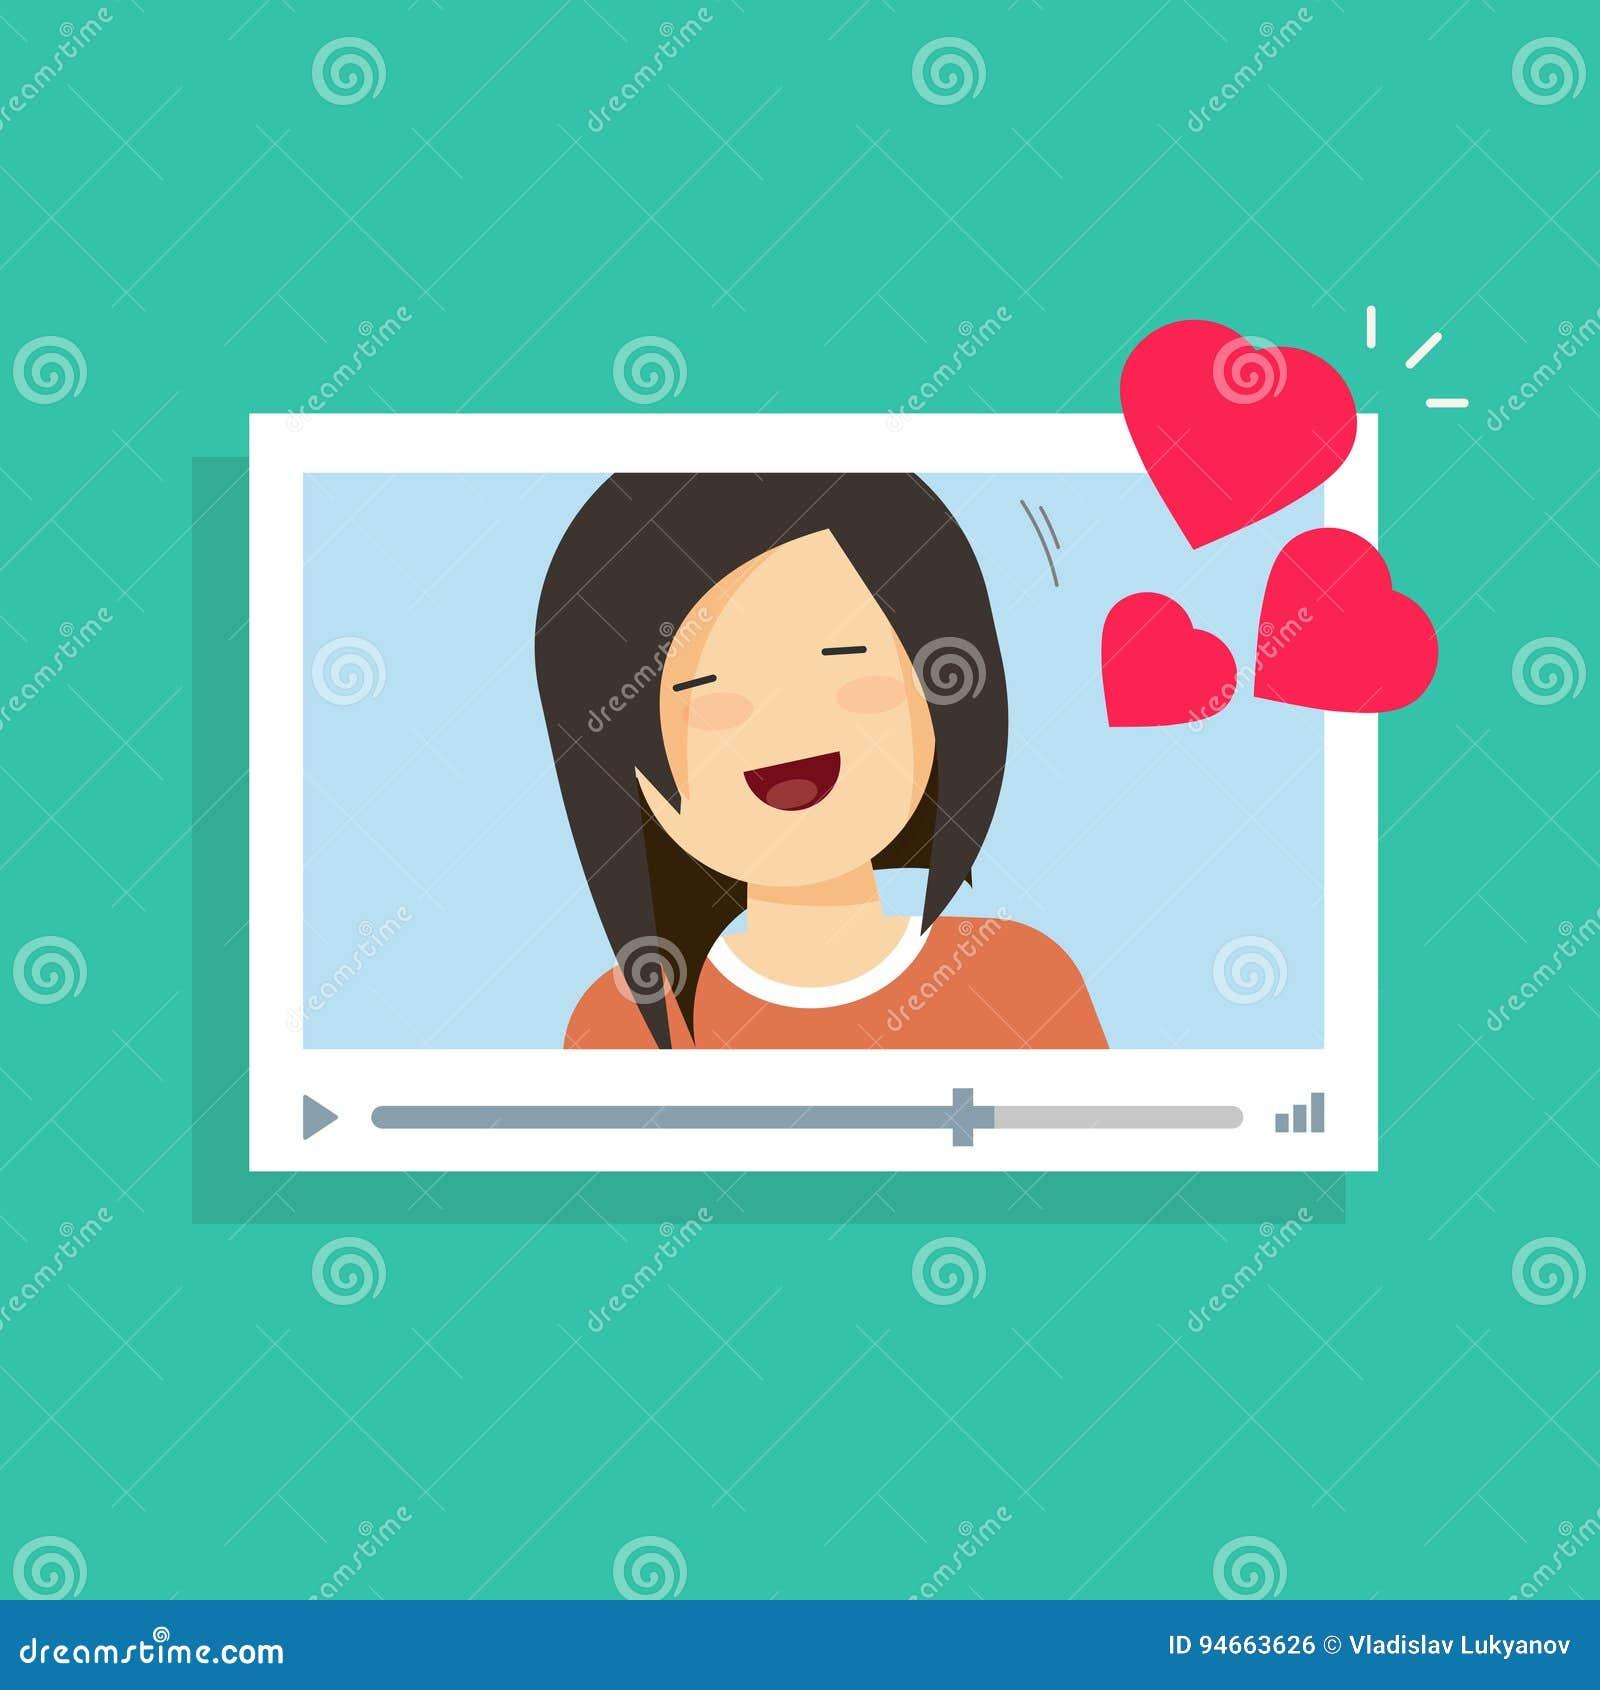 Wann sollte man ein Mädchen fragen, ob es online datiert asya fanatikleri flower boy dating agency